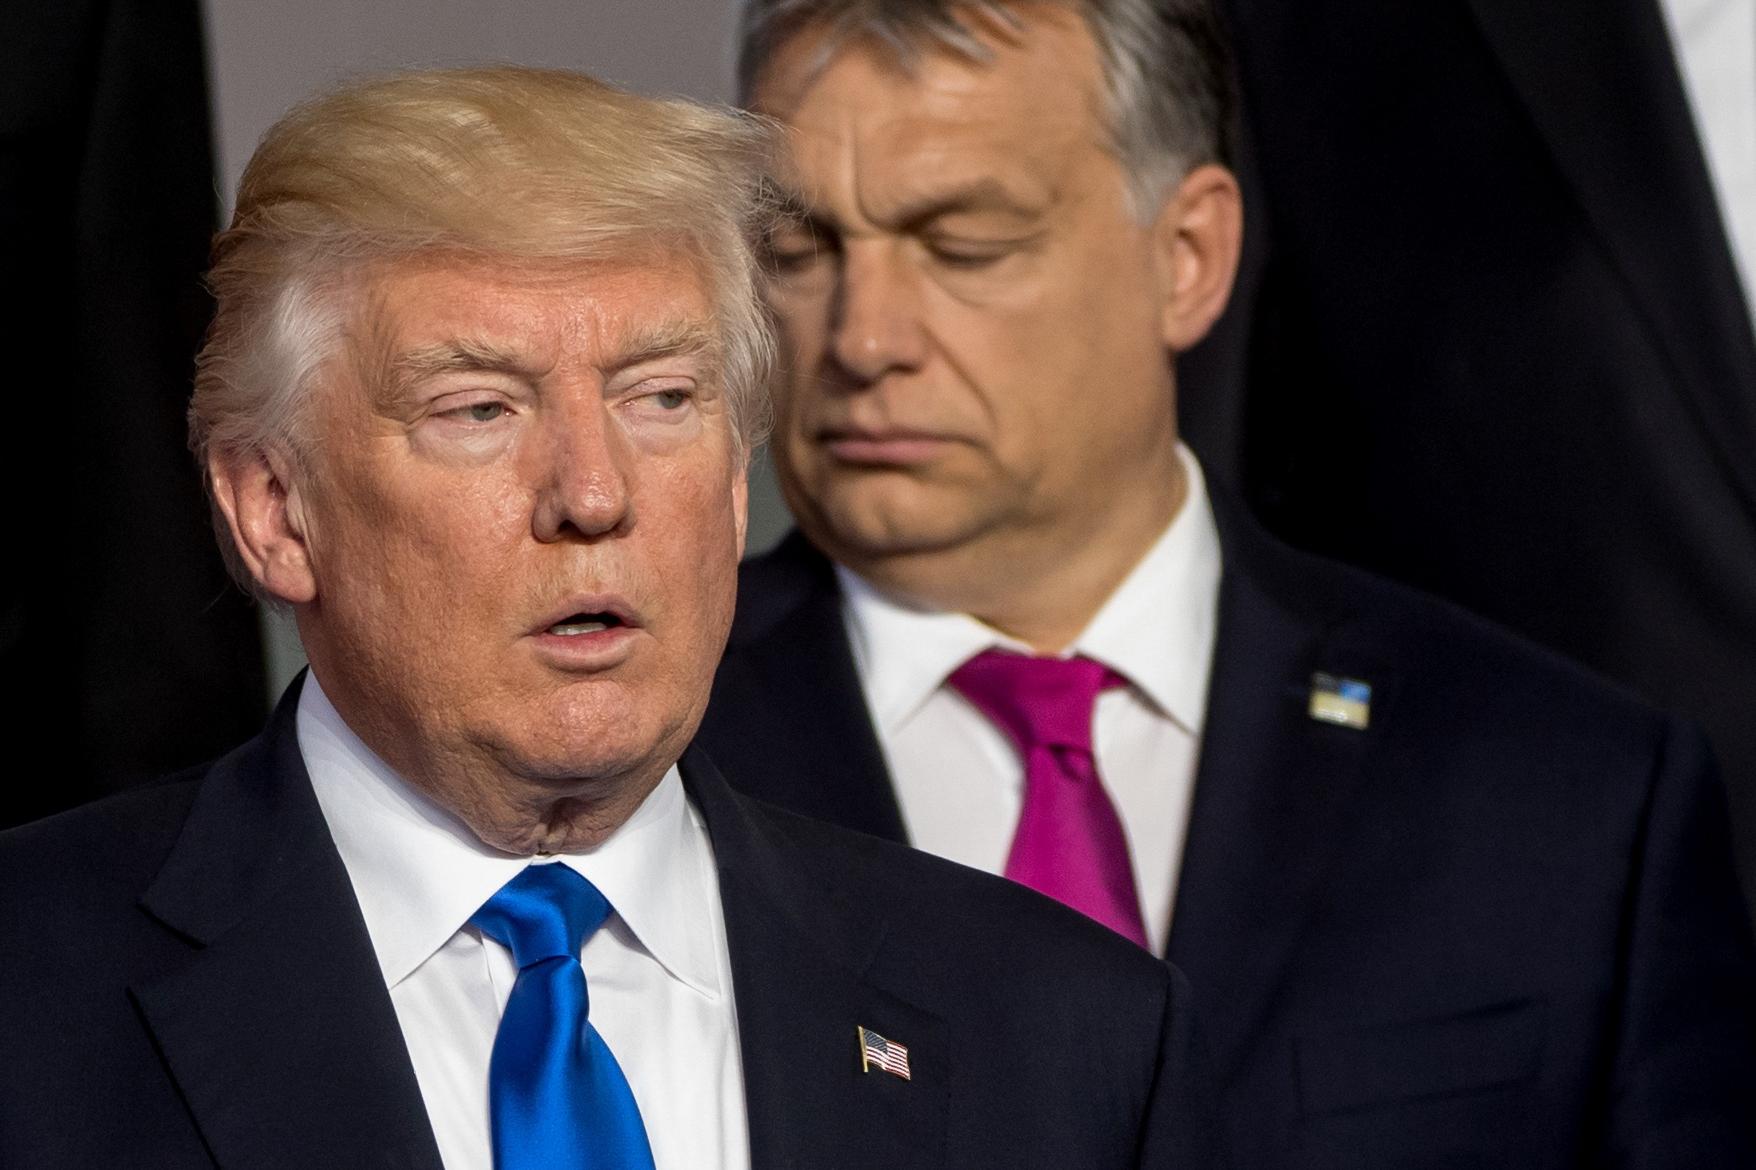 Orbán és Trump milliárd dolláros fegyverüzletre készül, de ennek magyar civilek láthatják kárát